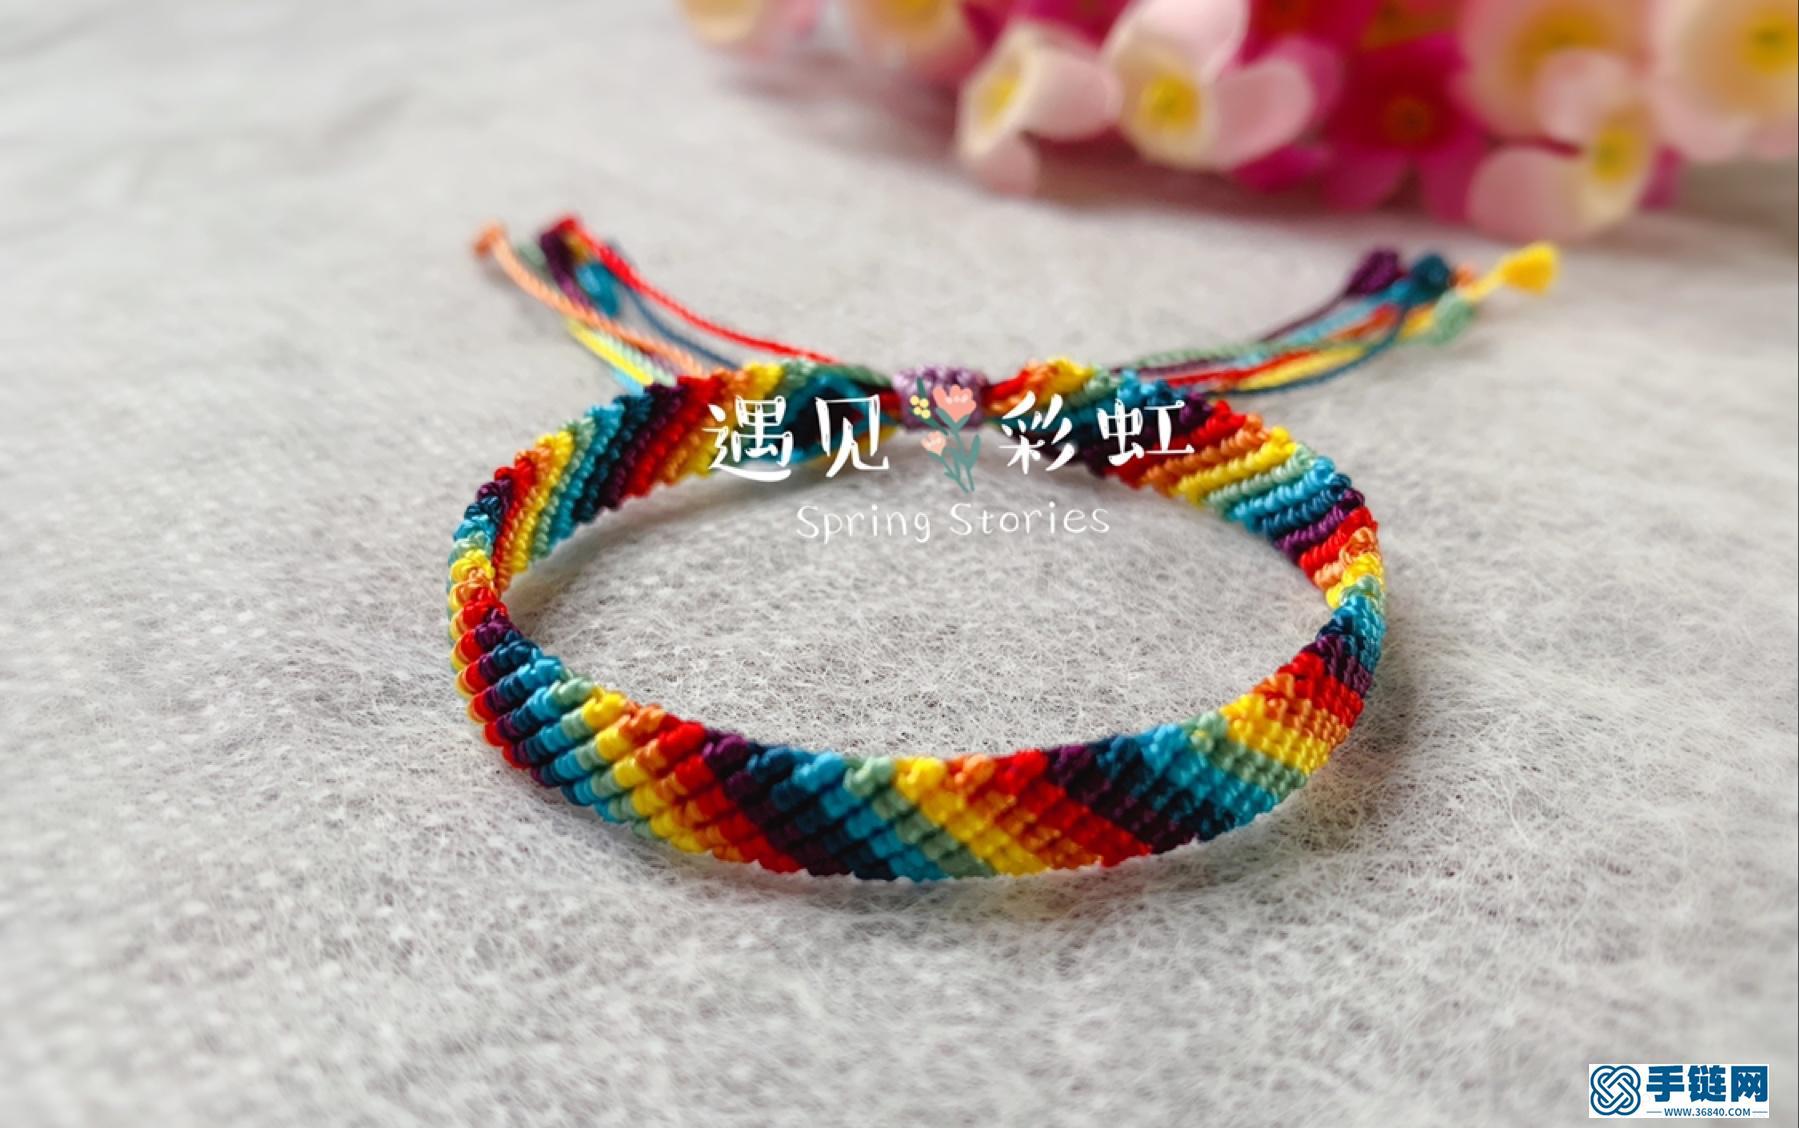 编绳 超级美的彩虹手绳 零基础手残党也能轻松学会